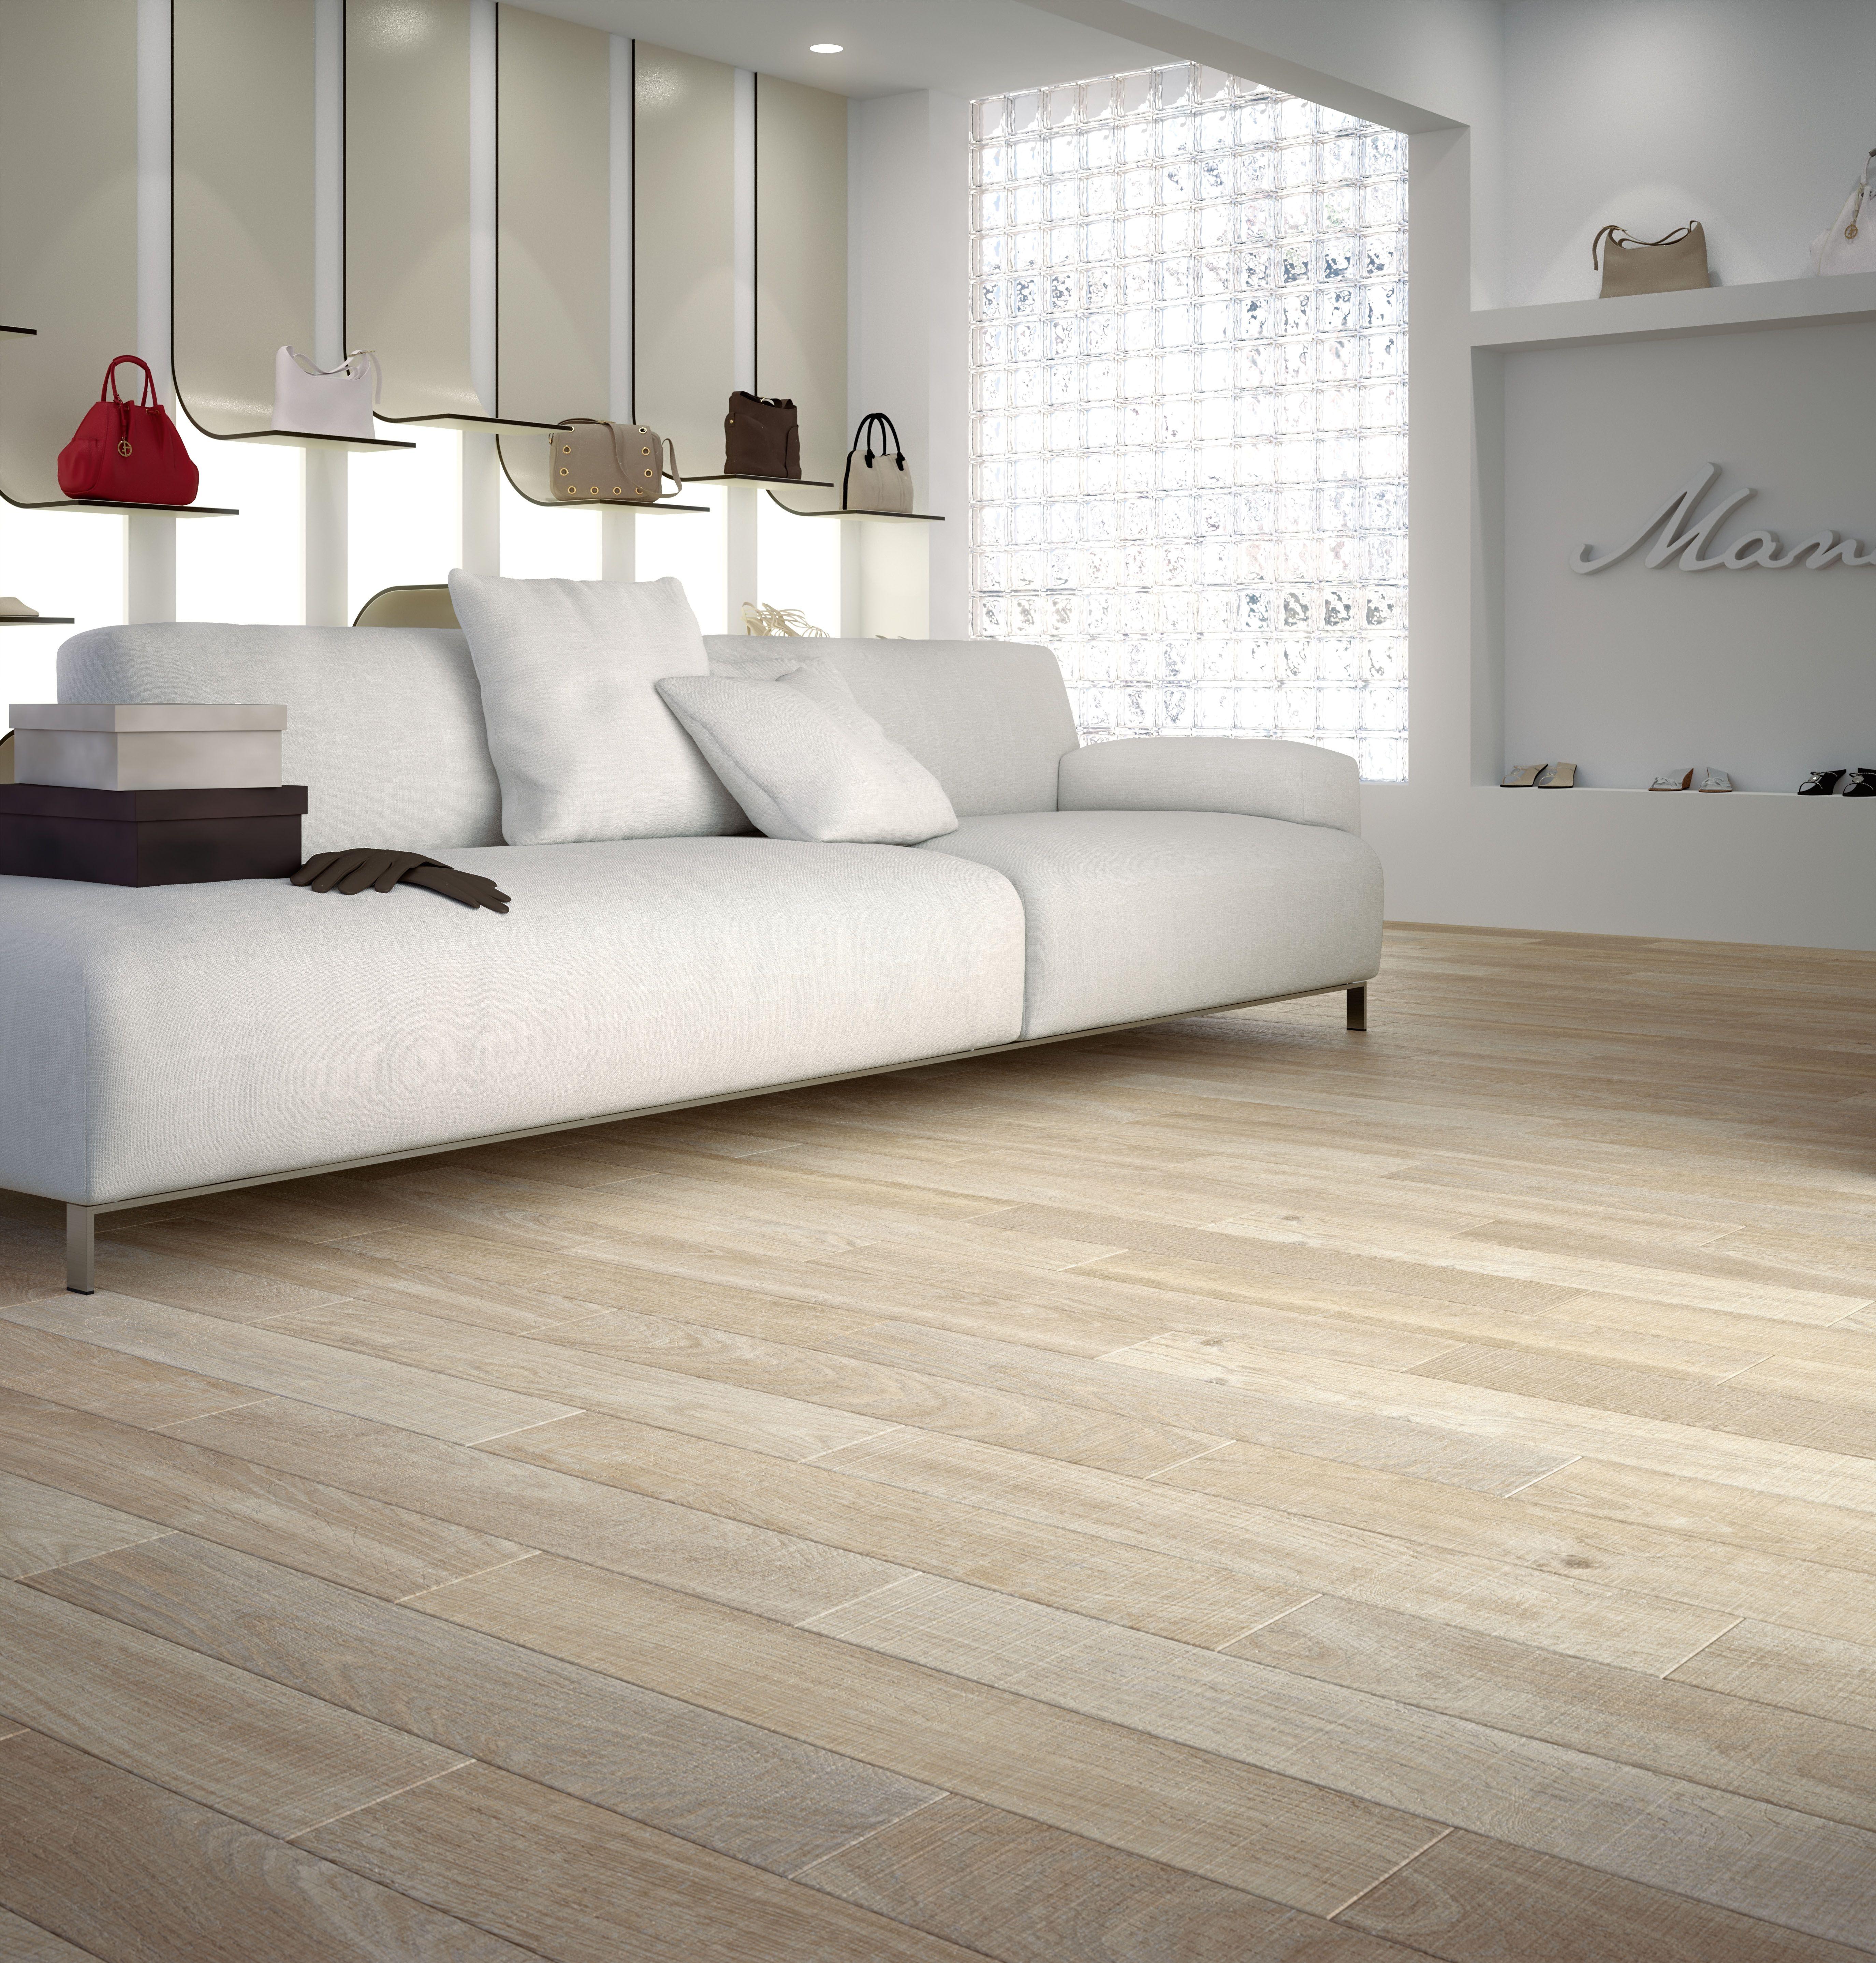 Carrelage tendance bois amazonia 15x80 pour plus d for Carrelage sanitaire